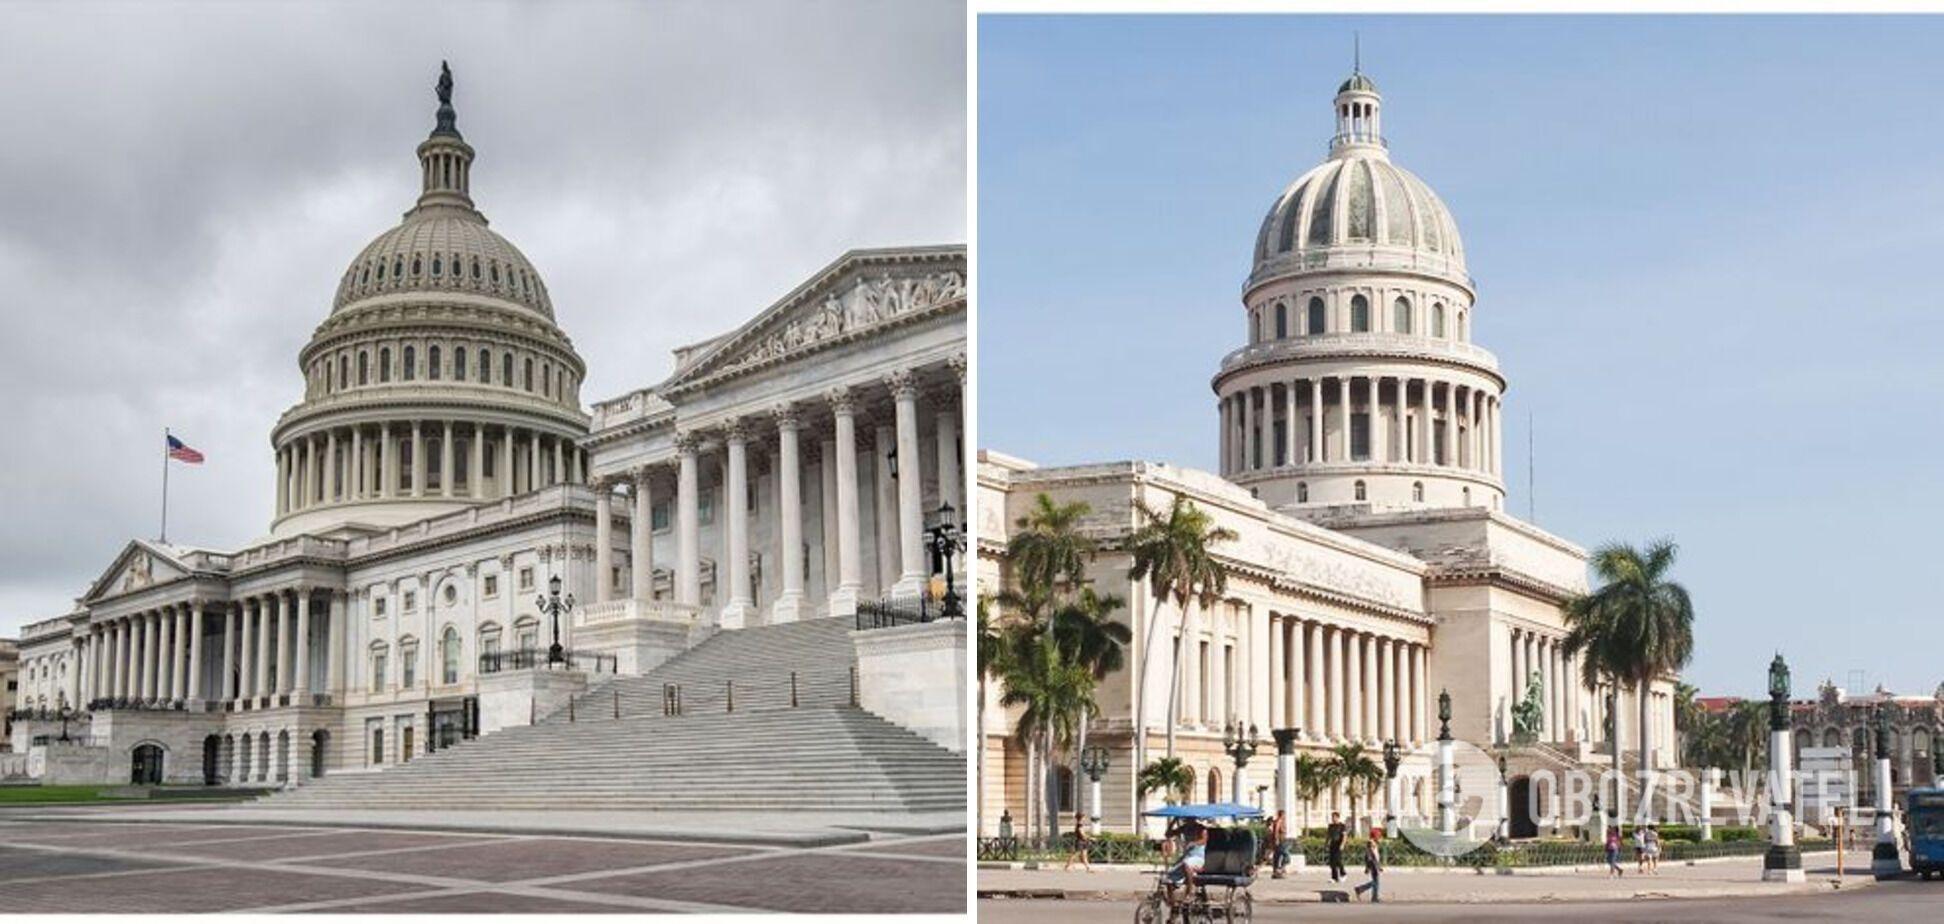 Слева – Капитолий в США, справа – Капитолий на Кубе.